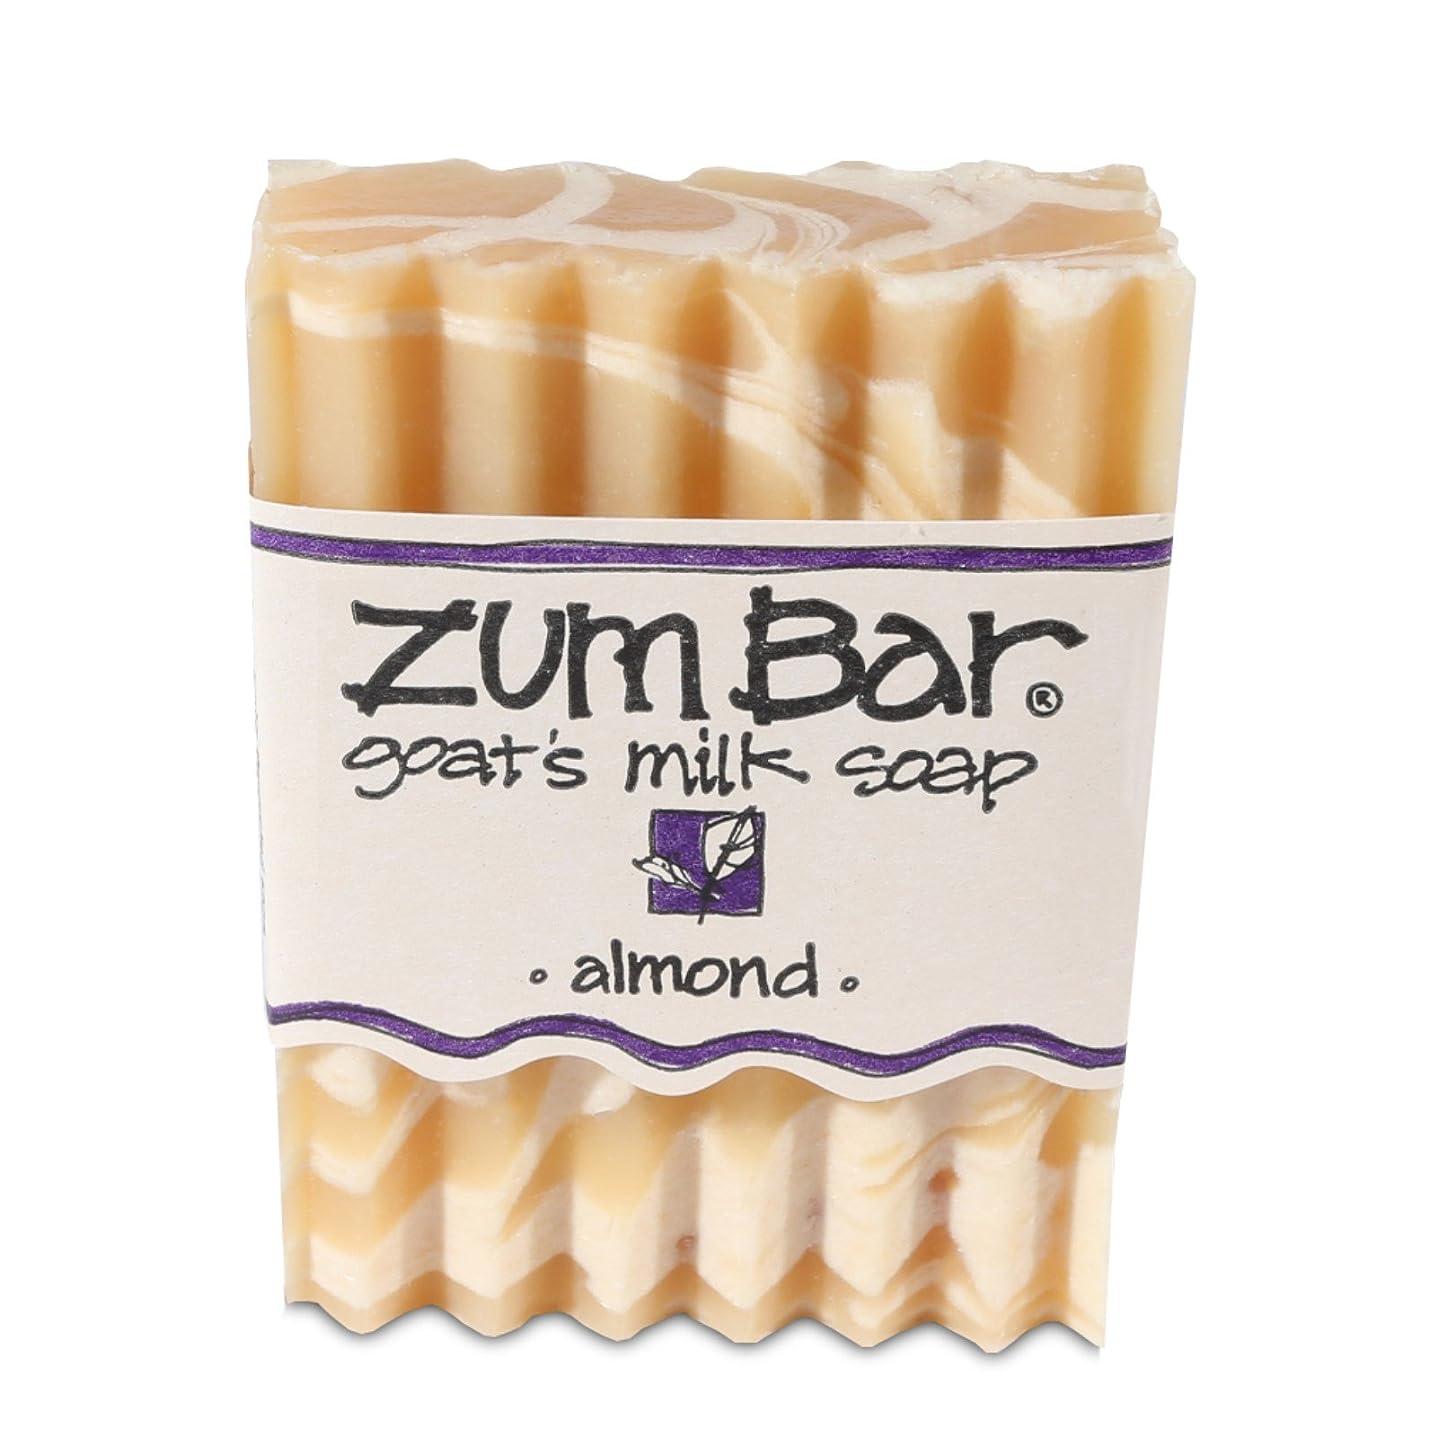 ラウズ入植者火海外直送品 Indigo Wild, Zum Bar, Goat's ミルク ソープ アーモンド , 3 Ounces (2個セット) (Almond) [並行輸入品]